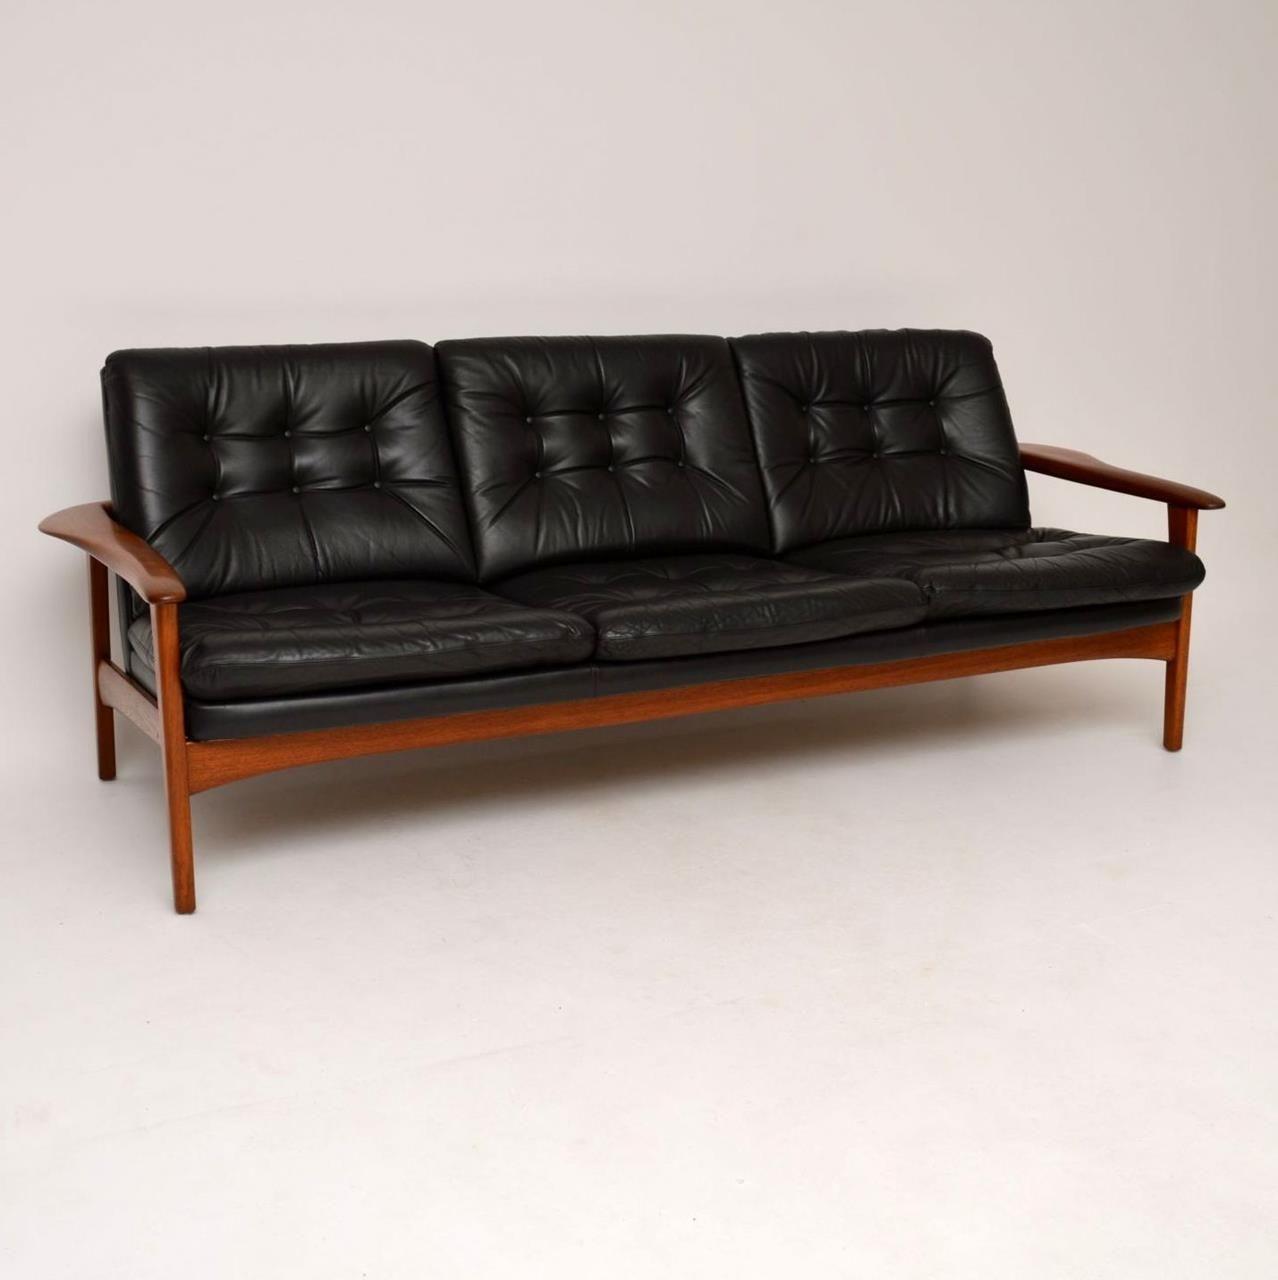 Art Deco Sofas On Gumtree Layton Sofa Bed Modular Lounge Retro Leather Couch Wayfair Thesofa